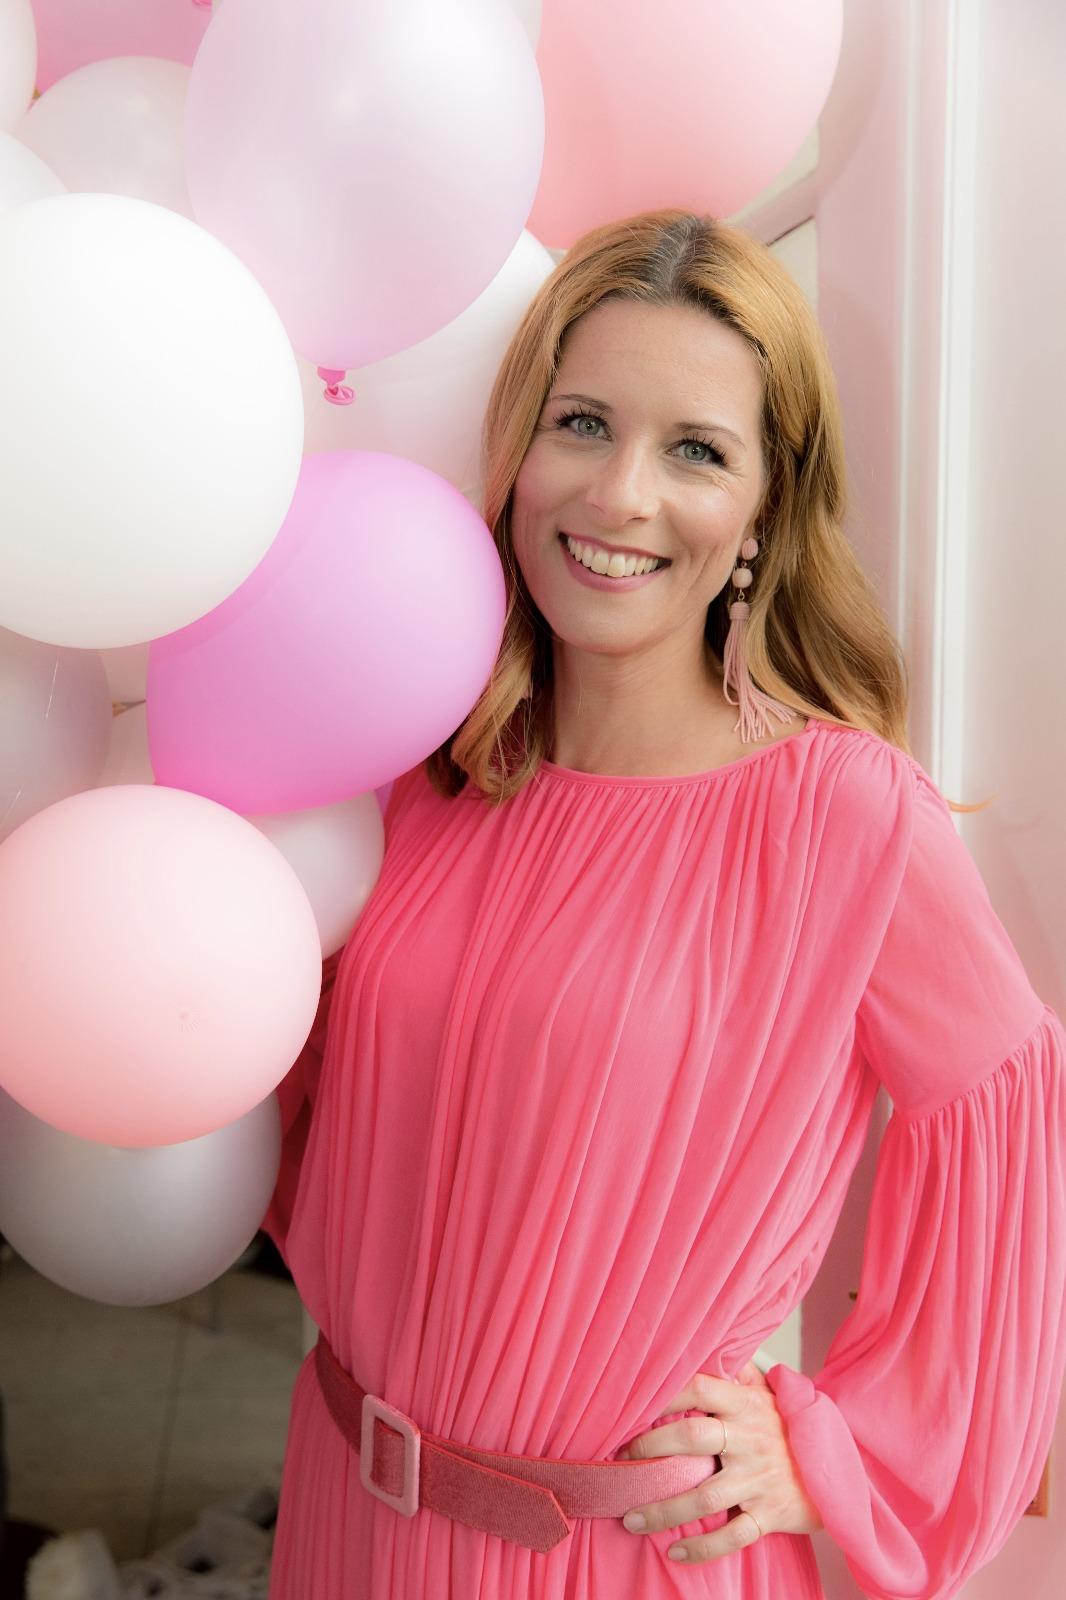 Im Beautyinterview der Schminktante September 2018 zu Gaust: RTL-Moderatorin und deutsches Testimonial der amerikanischen Marke it cosmetics MIRIAM LANGE.